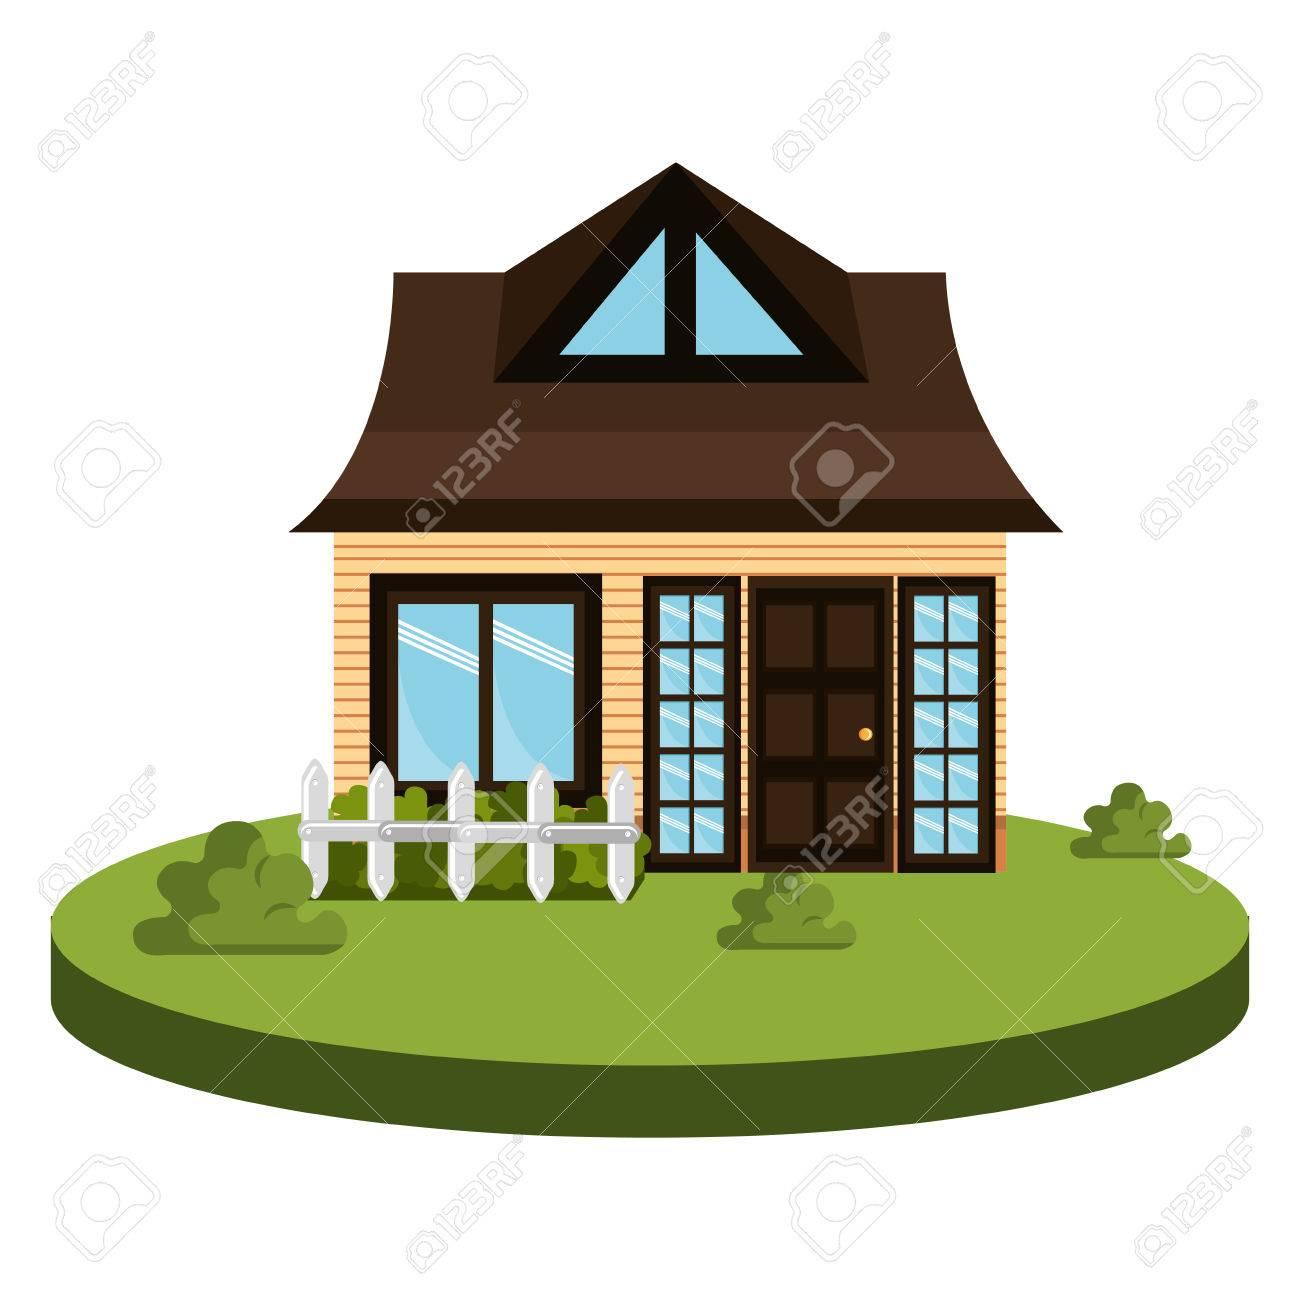 Schönes Haus Außen Symbol Vektor-Illustration, Design, Lizenzfreie ...